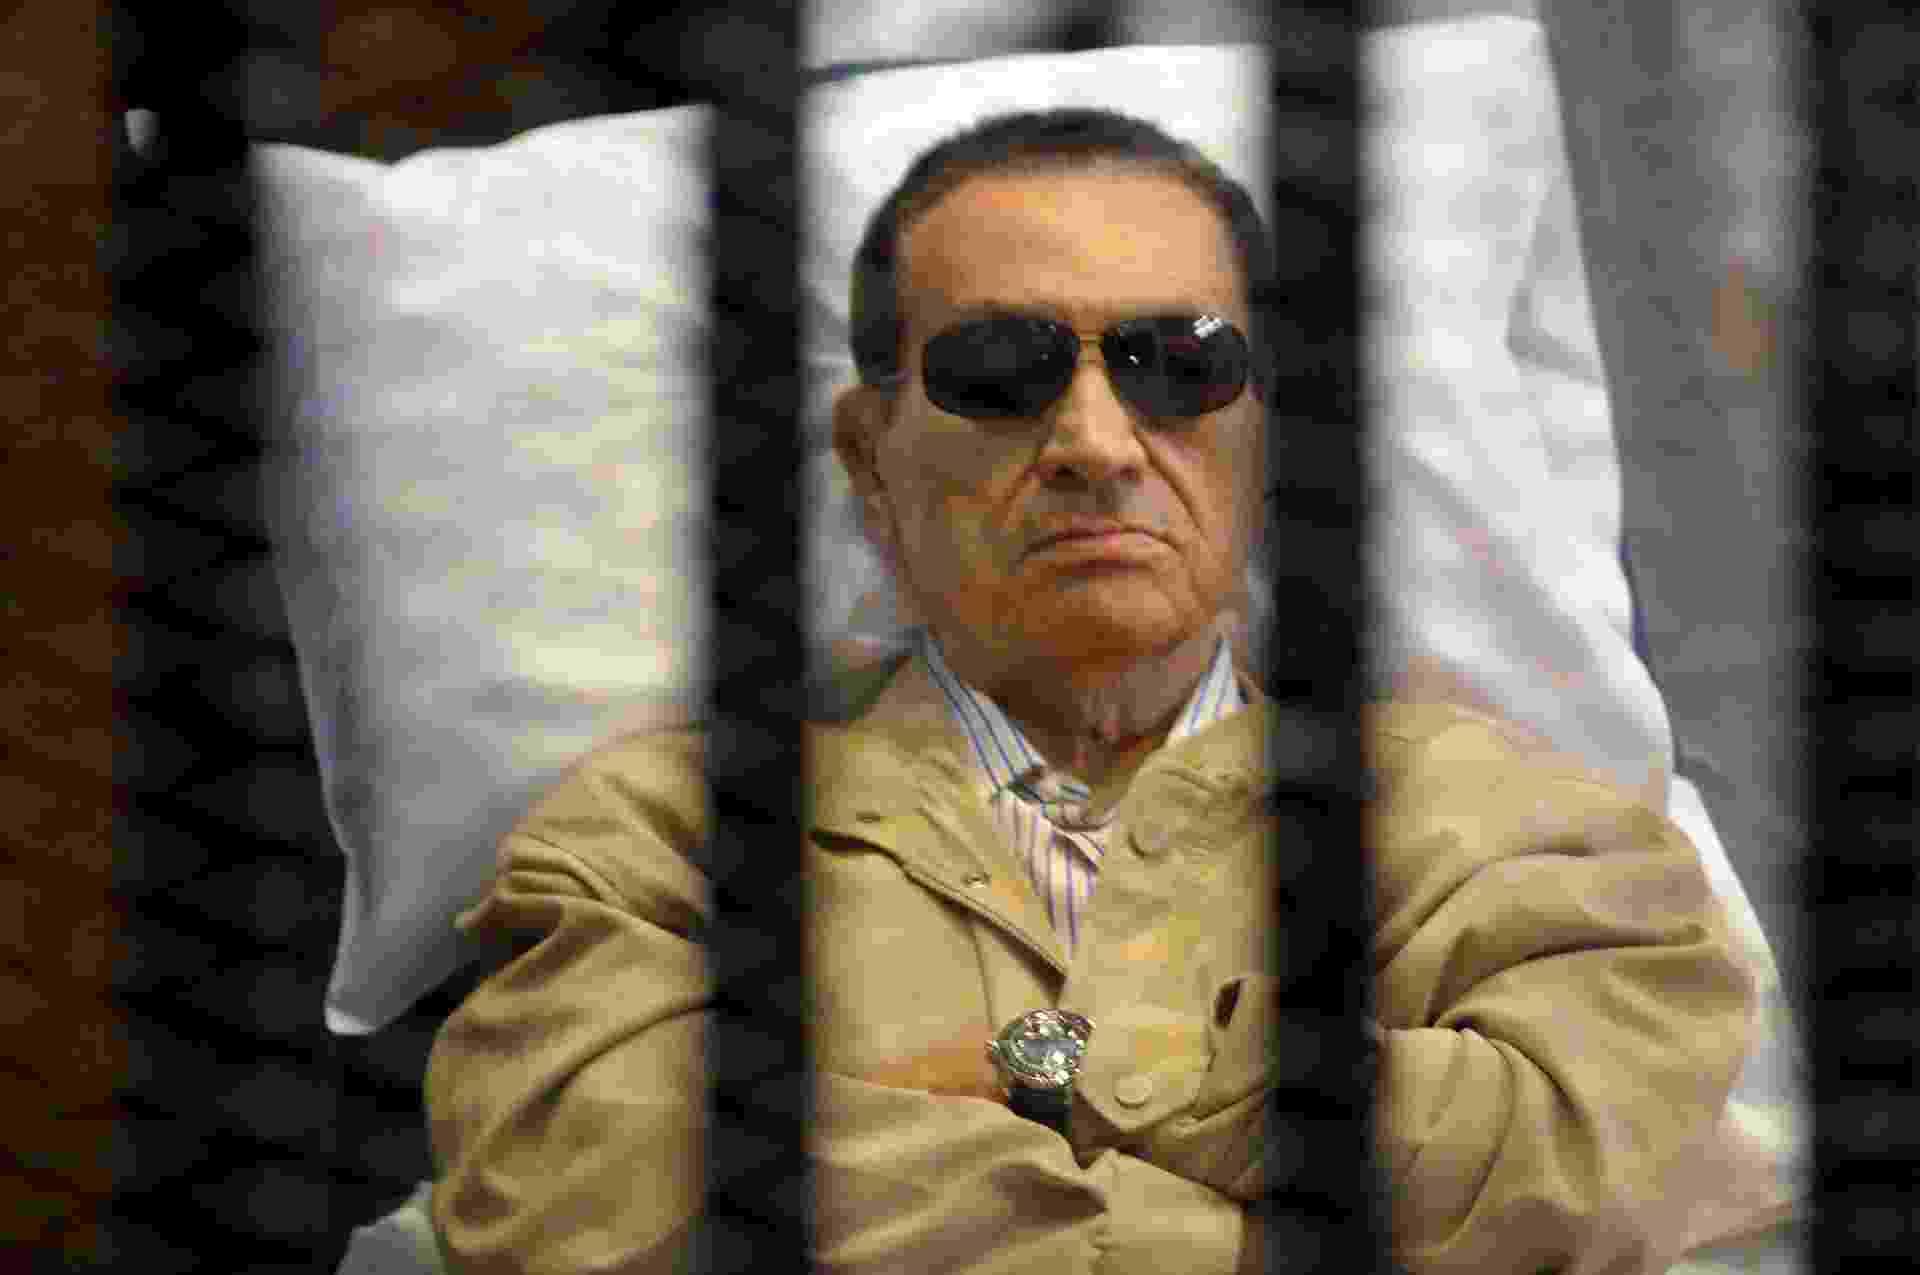 2.jun.2012 - O ex-ditador Hosni Mubarak ouve, de dentro de uma jaula, sua sentença de prisão perpétua pela morte de manifestantes em 2011. Posteriormente, ele foi absolvido - AFP